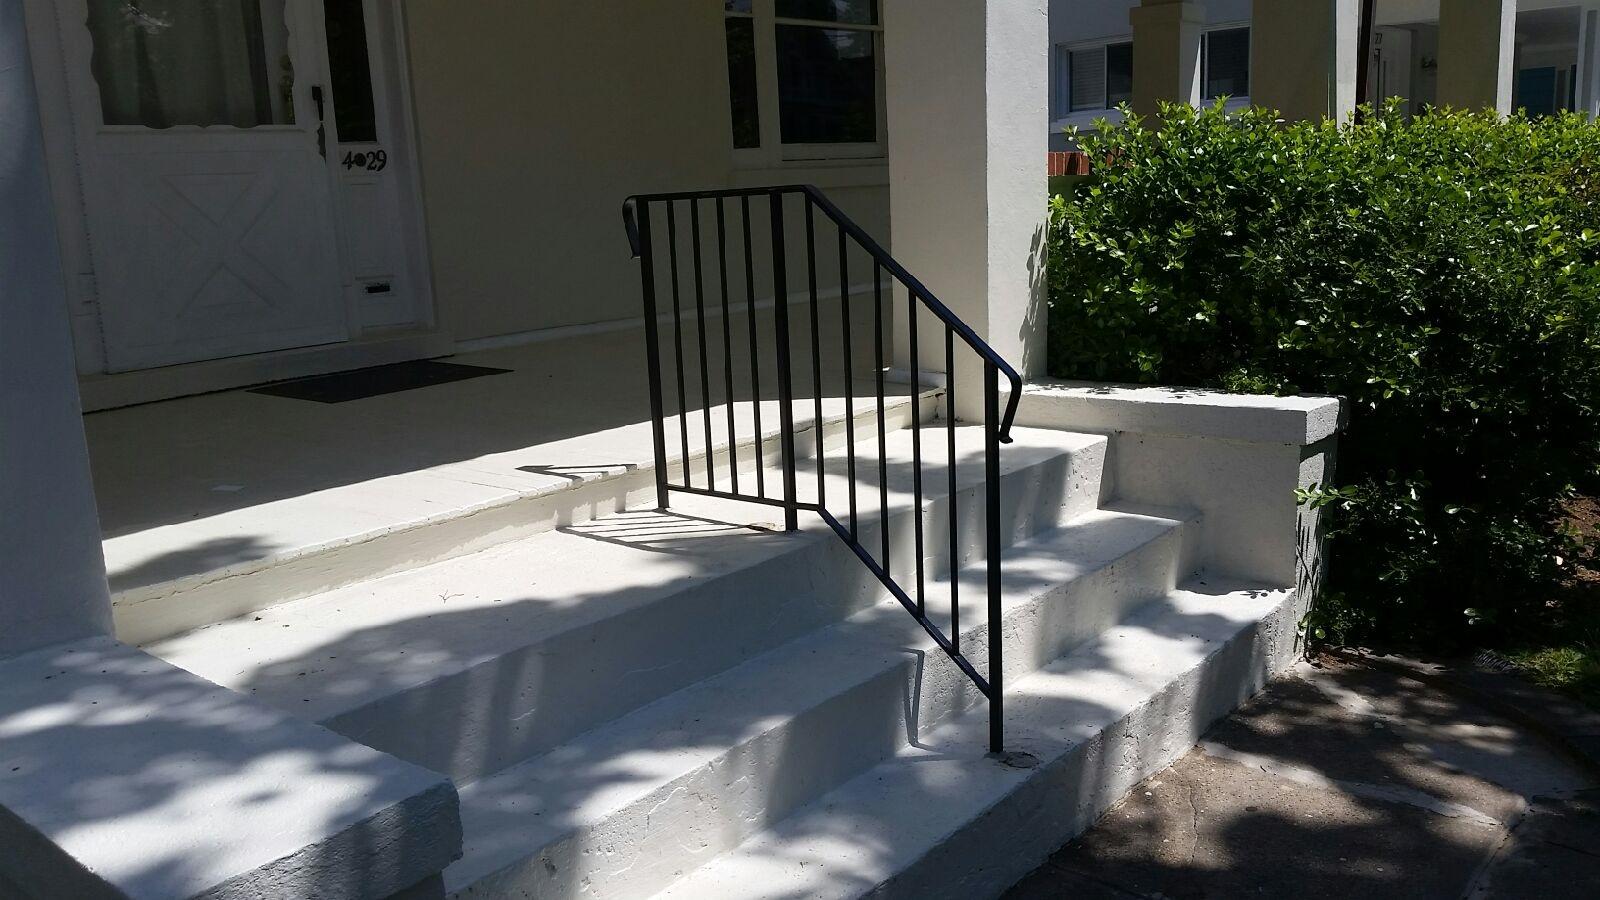 Center stair rail